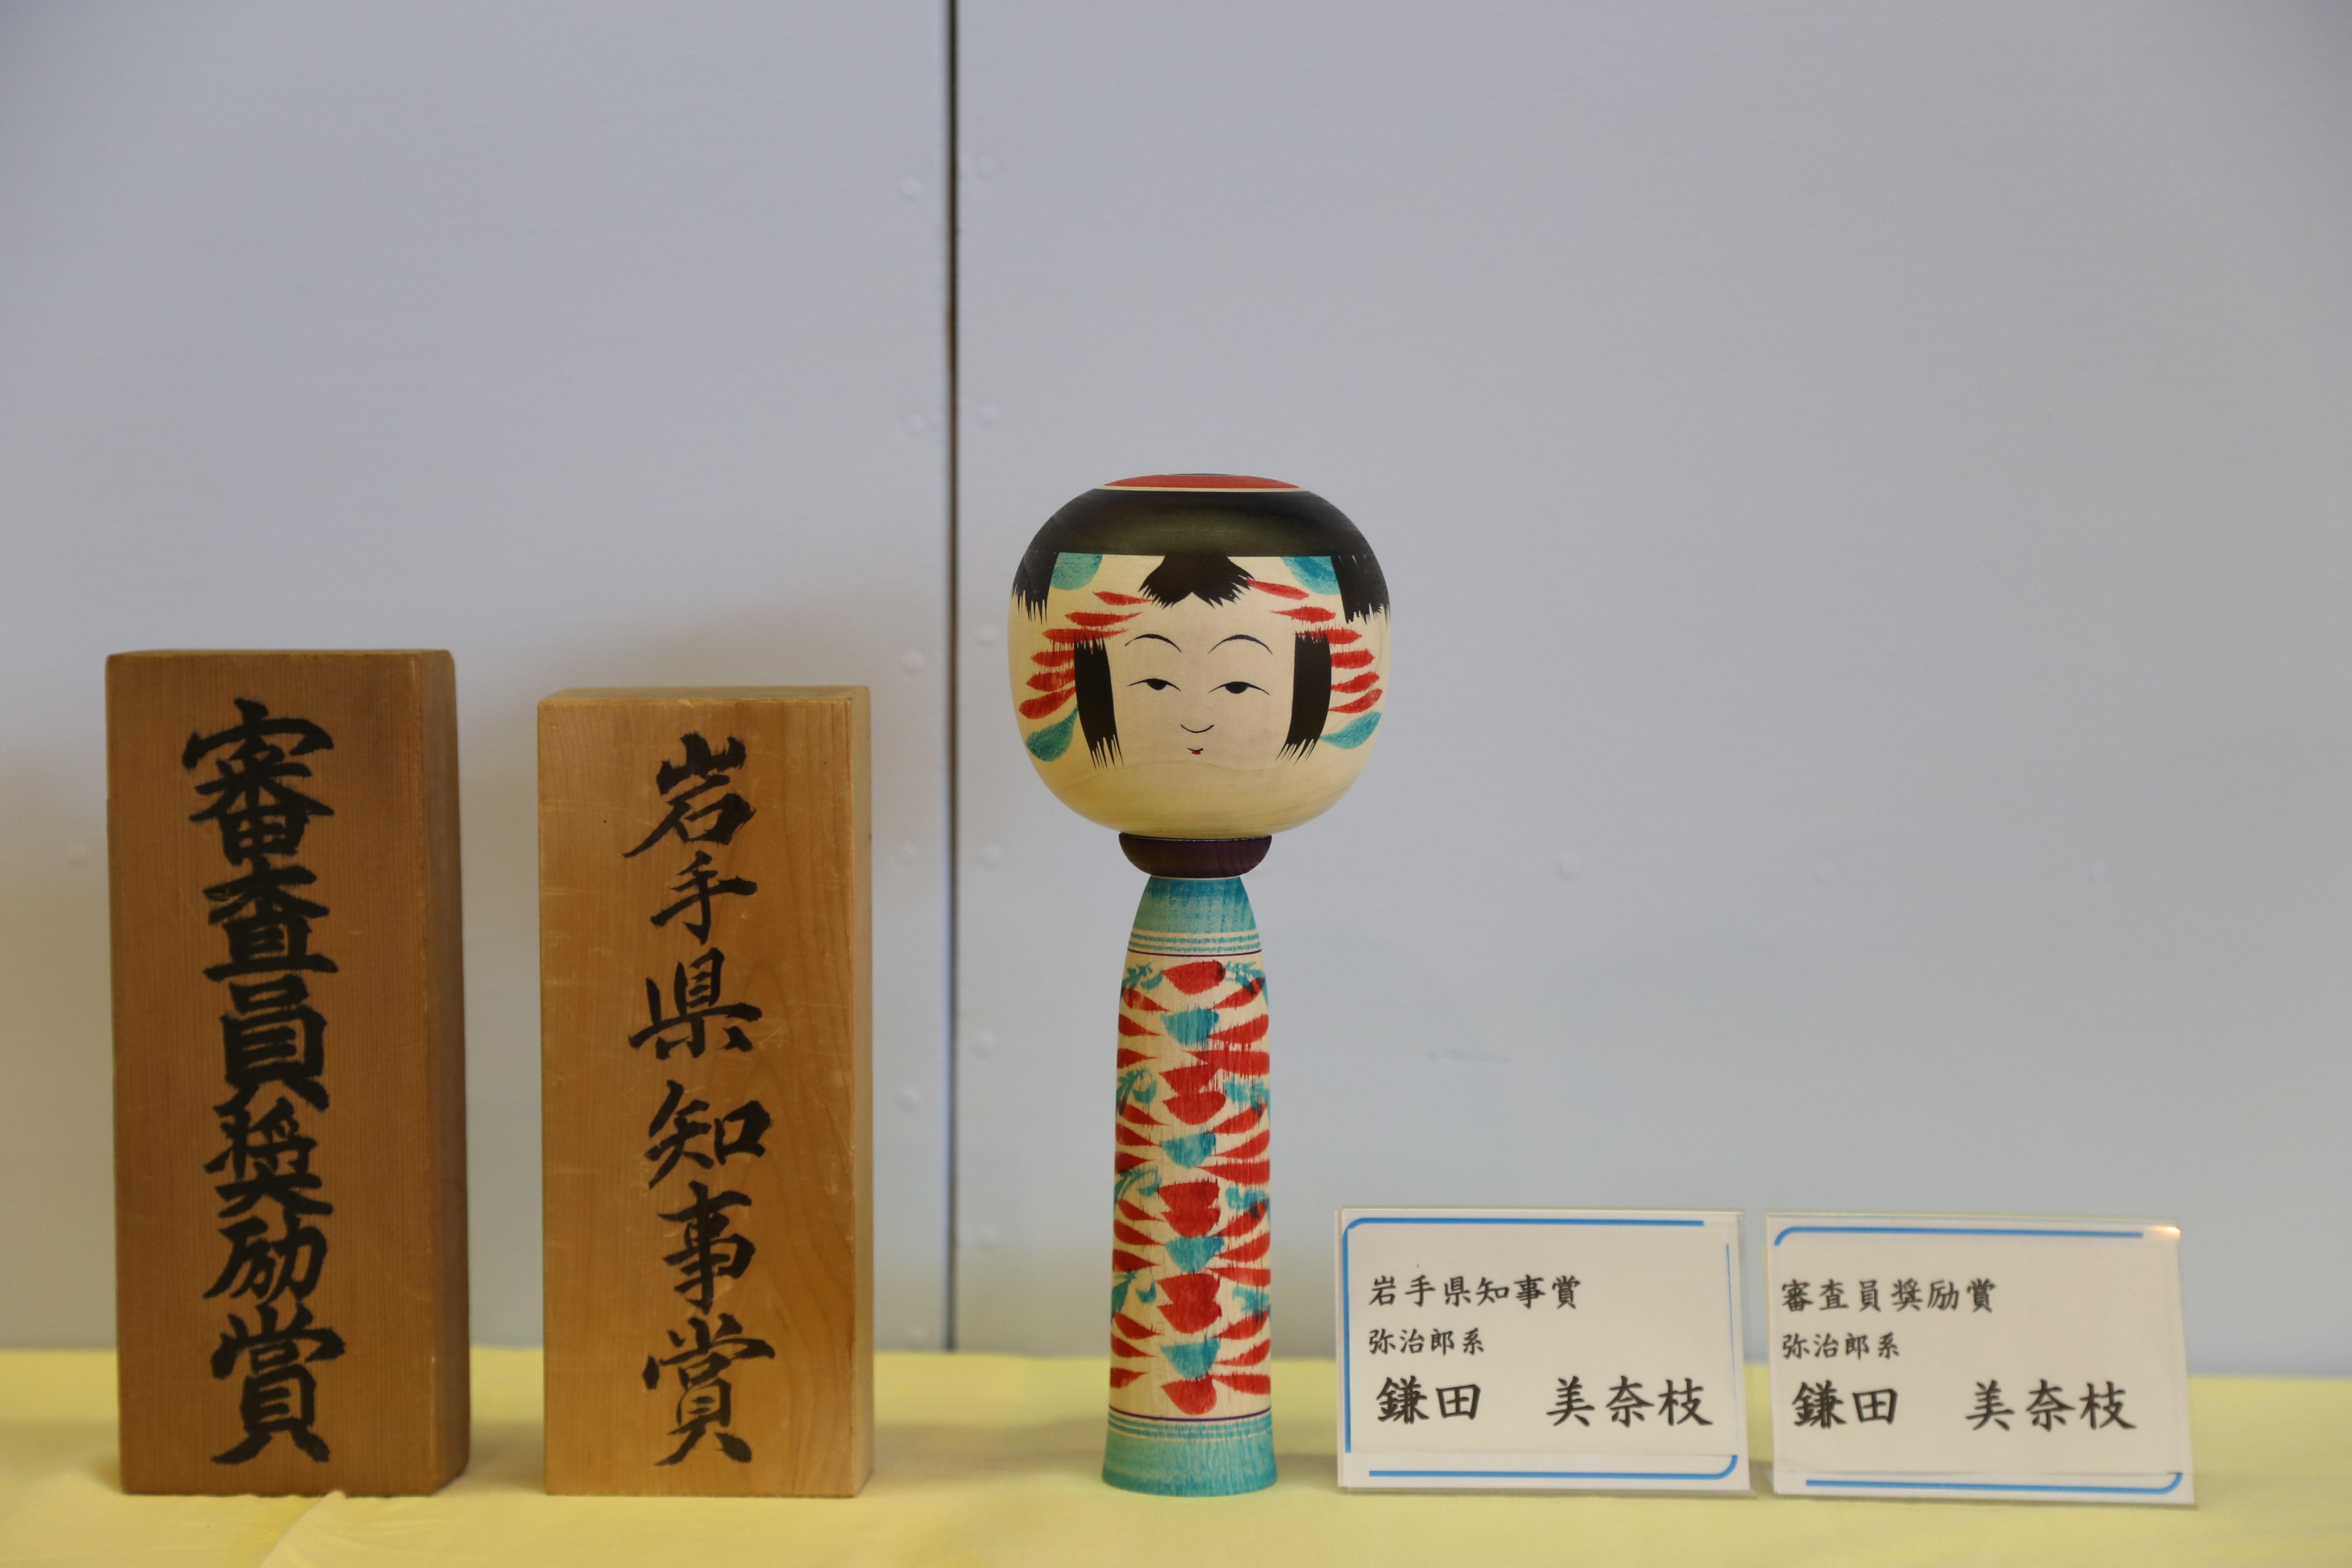 鎌田美奈枝工人